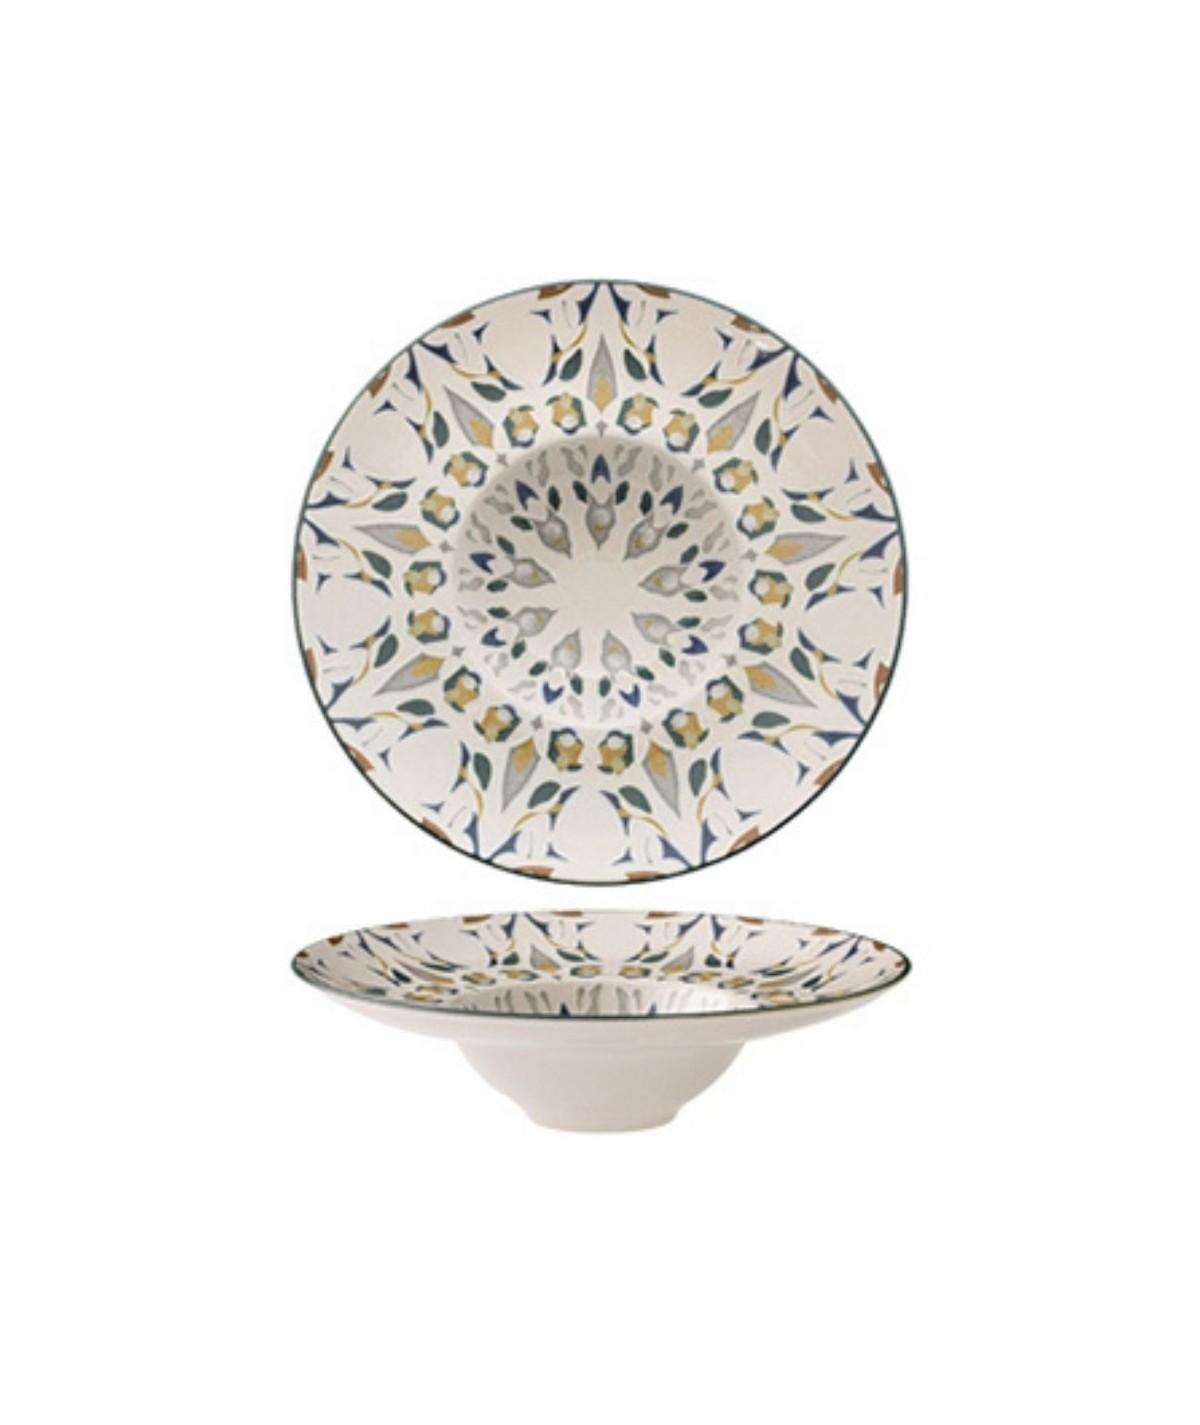 Piatto fondo pastabowl in porcellana Amalfi set 6 pezzi - Morini